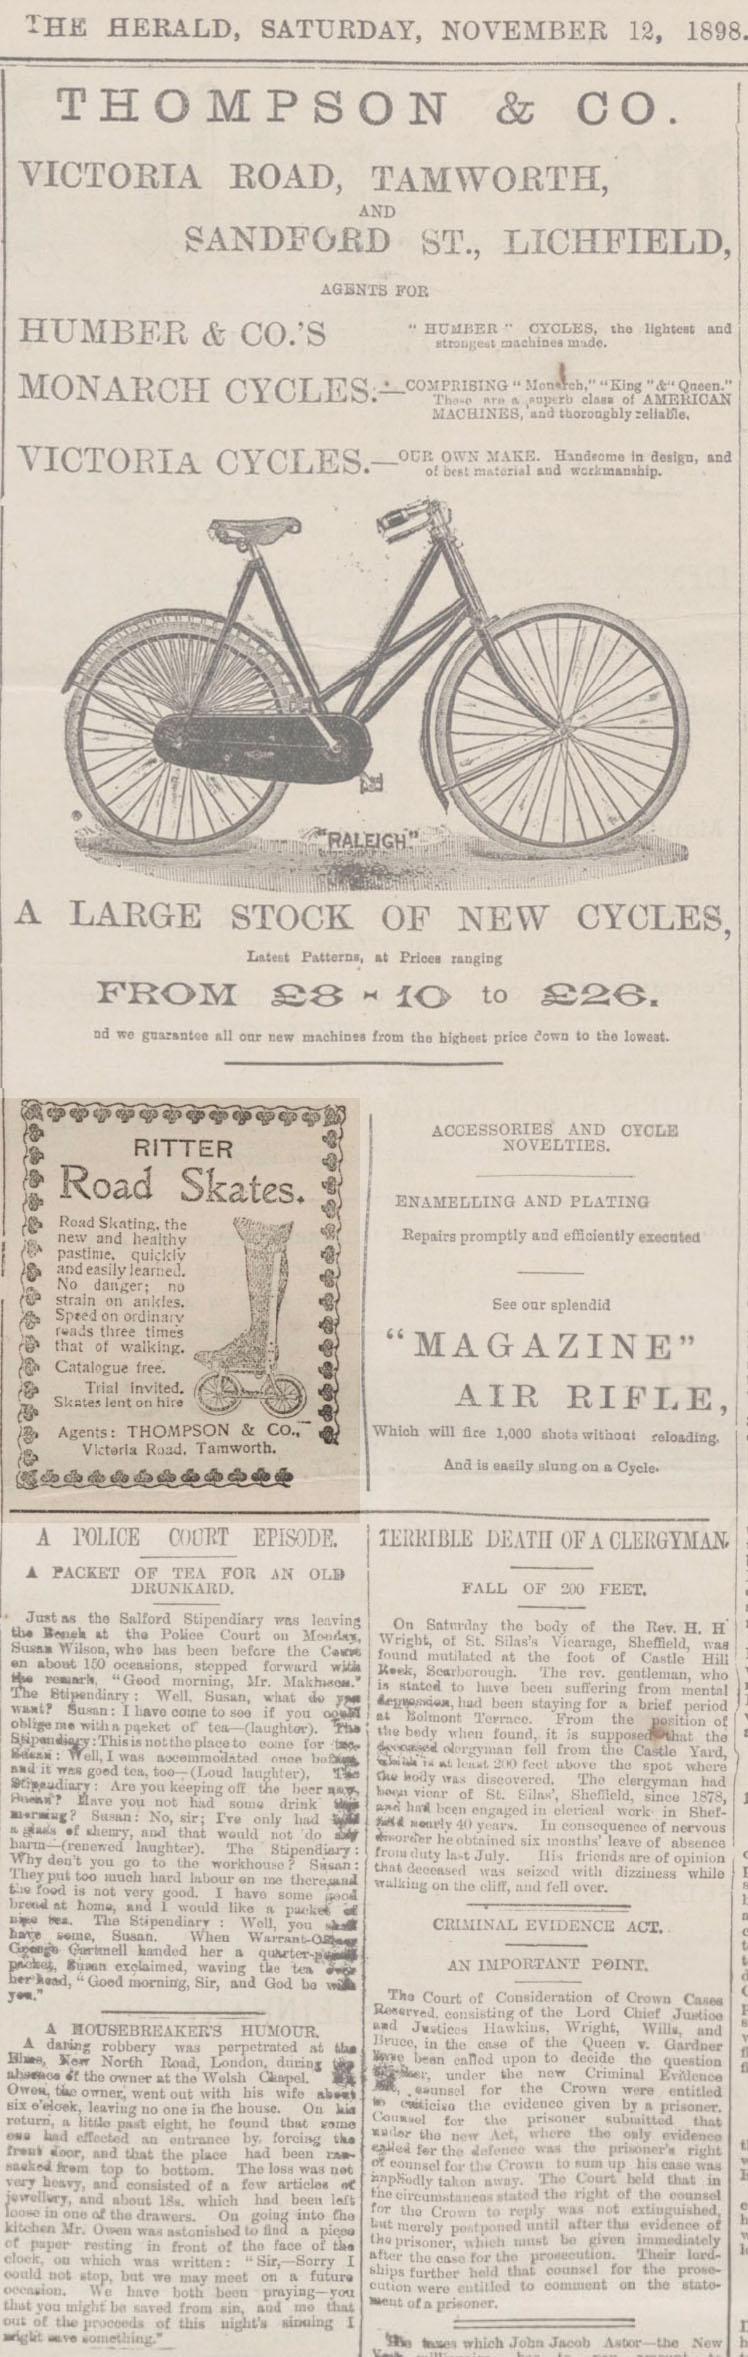 1898 ritter road skates advert